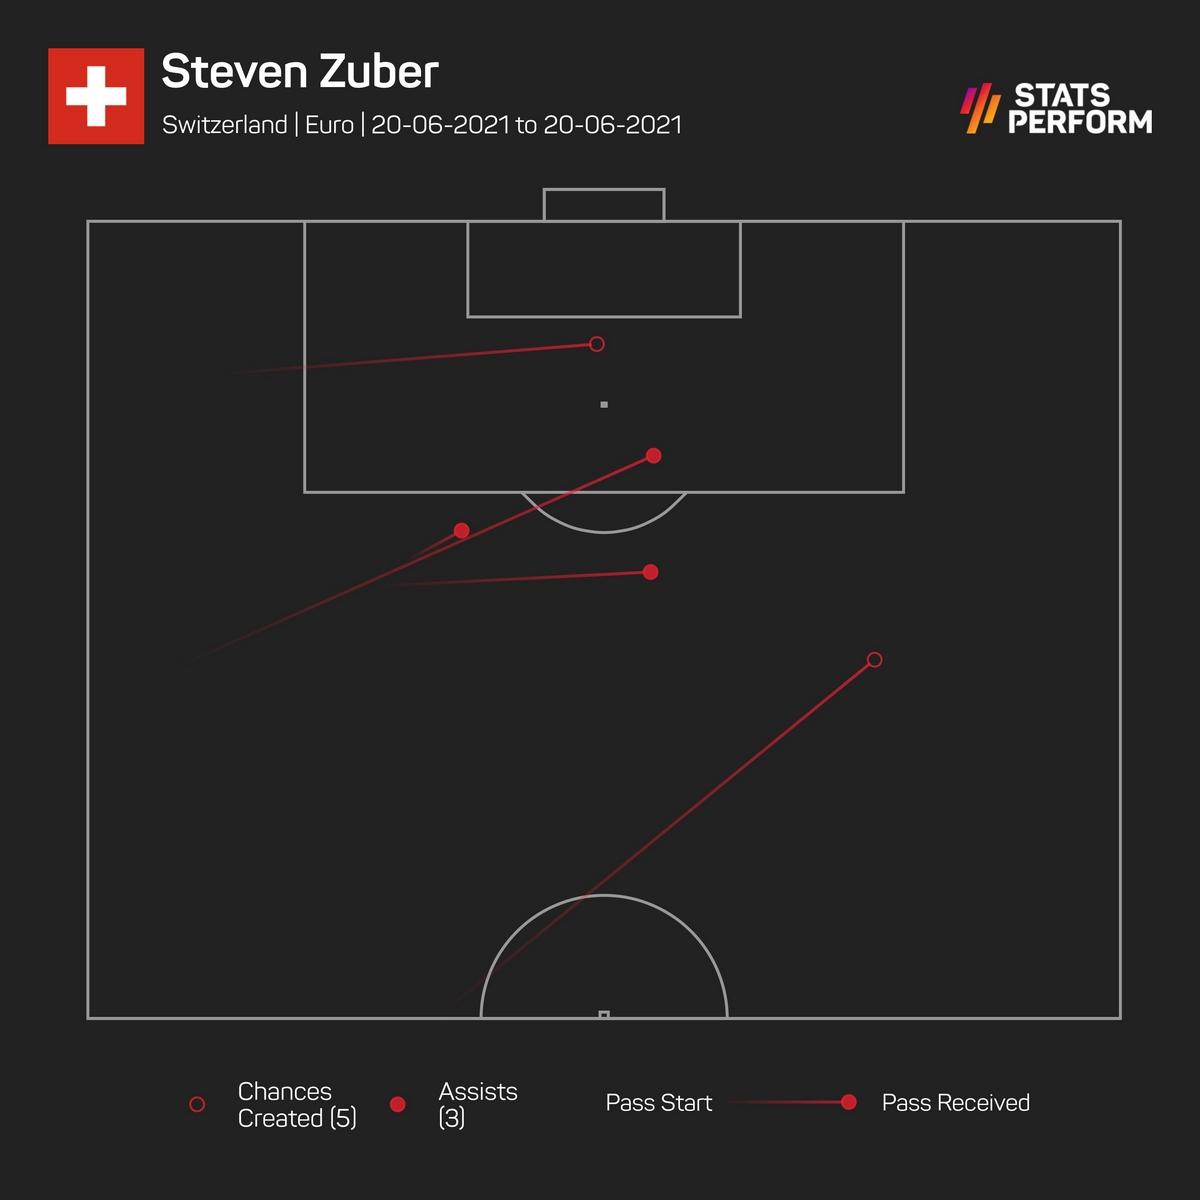 euro2020 turkey switzerland stevenzuber chances created plot